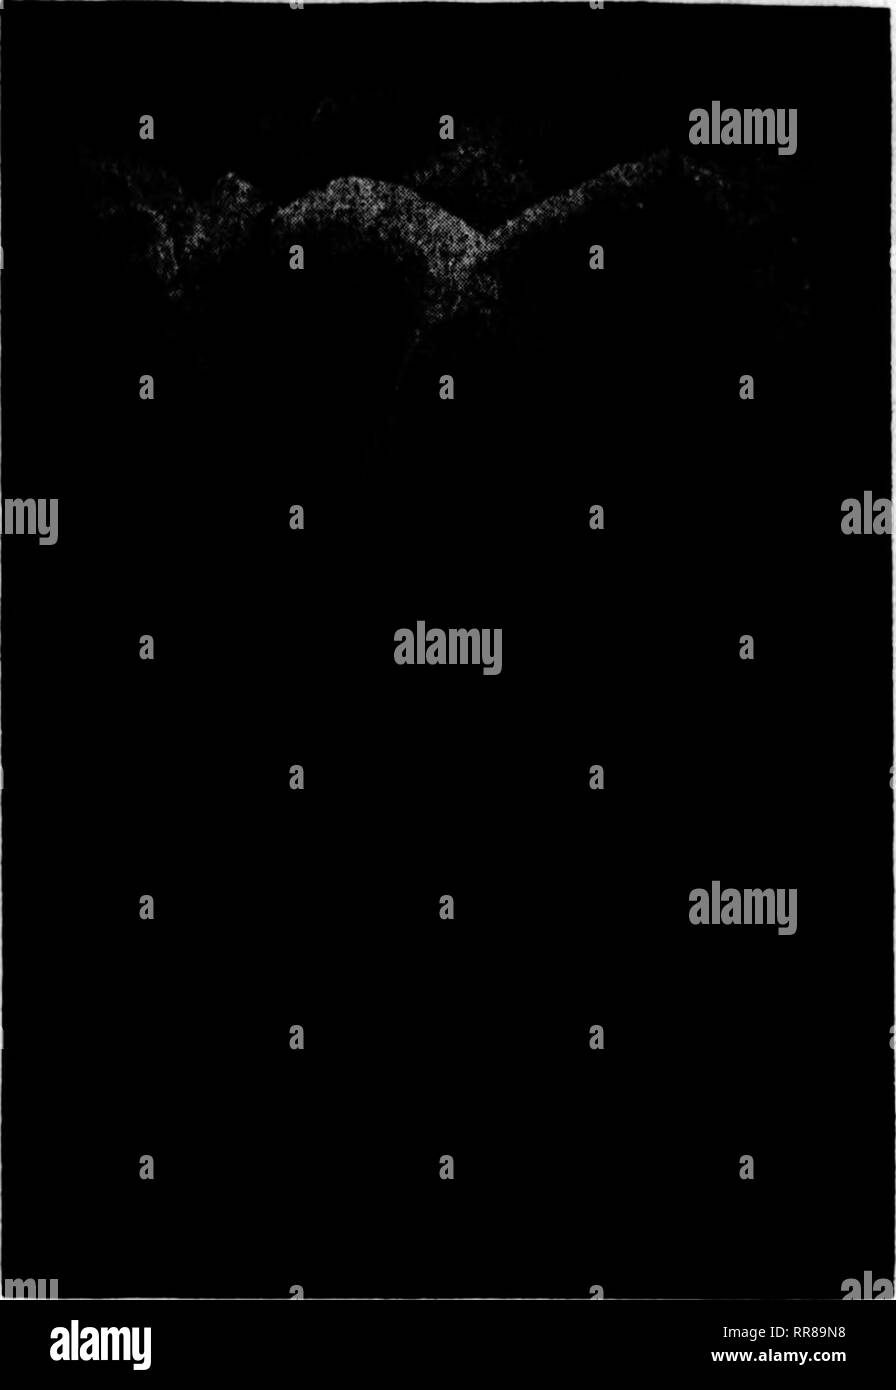 """. Fioristi' review [microformati]. Floricoltura. OCIOBBB 12, 1922 i fioristi^ Review è la sede della lampadina. Primo singolo dimensioni denominato giacinti Olty di Ka""""rl""""m, orolden giallo. Ocrtrad*, rosa luminoso. GUrantca, rosa carne. Orand Maltro, luminosa porcellana. Kiajr di Bines, blu profondo. Xin? Di Tellowi, giallo arancio. Kady Derby, delicato rosa. Fxlco di sopra, 97.60 Jtu Orandesae, enow bianco. K'Umooenco, bianco puro. Moreno, deep rose. Qnecn del tbe Blues, blu argenteo. Regina di Finks, rosa brillante. Bol des Belyes, rosso profondo. Tellow martello, giallo puro, per 100; per 1000, $65.00 singolo secondo dimensioni denominato H Foto Stock"""